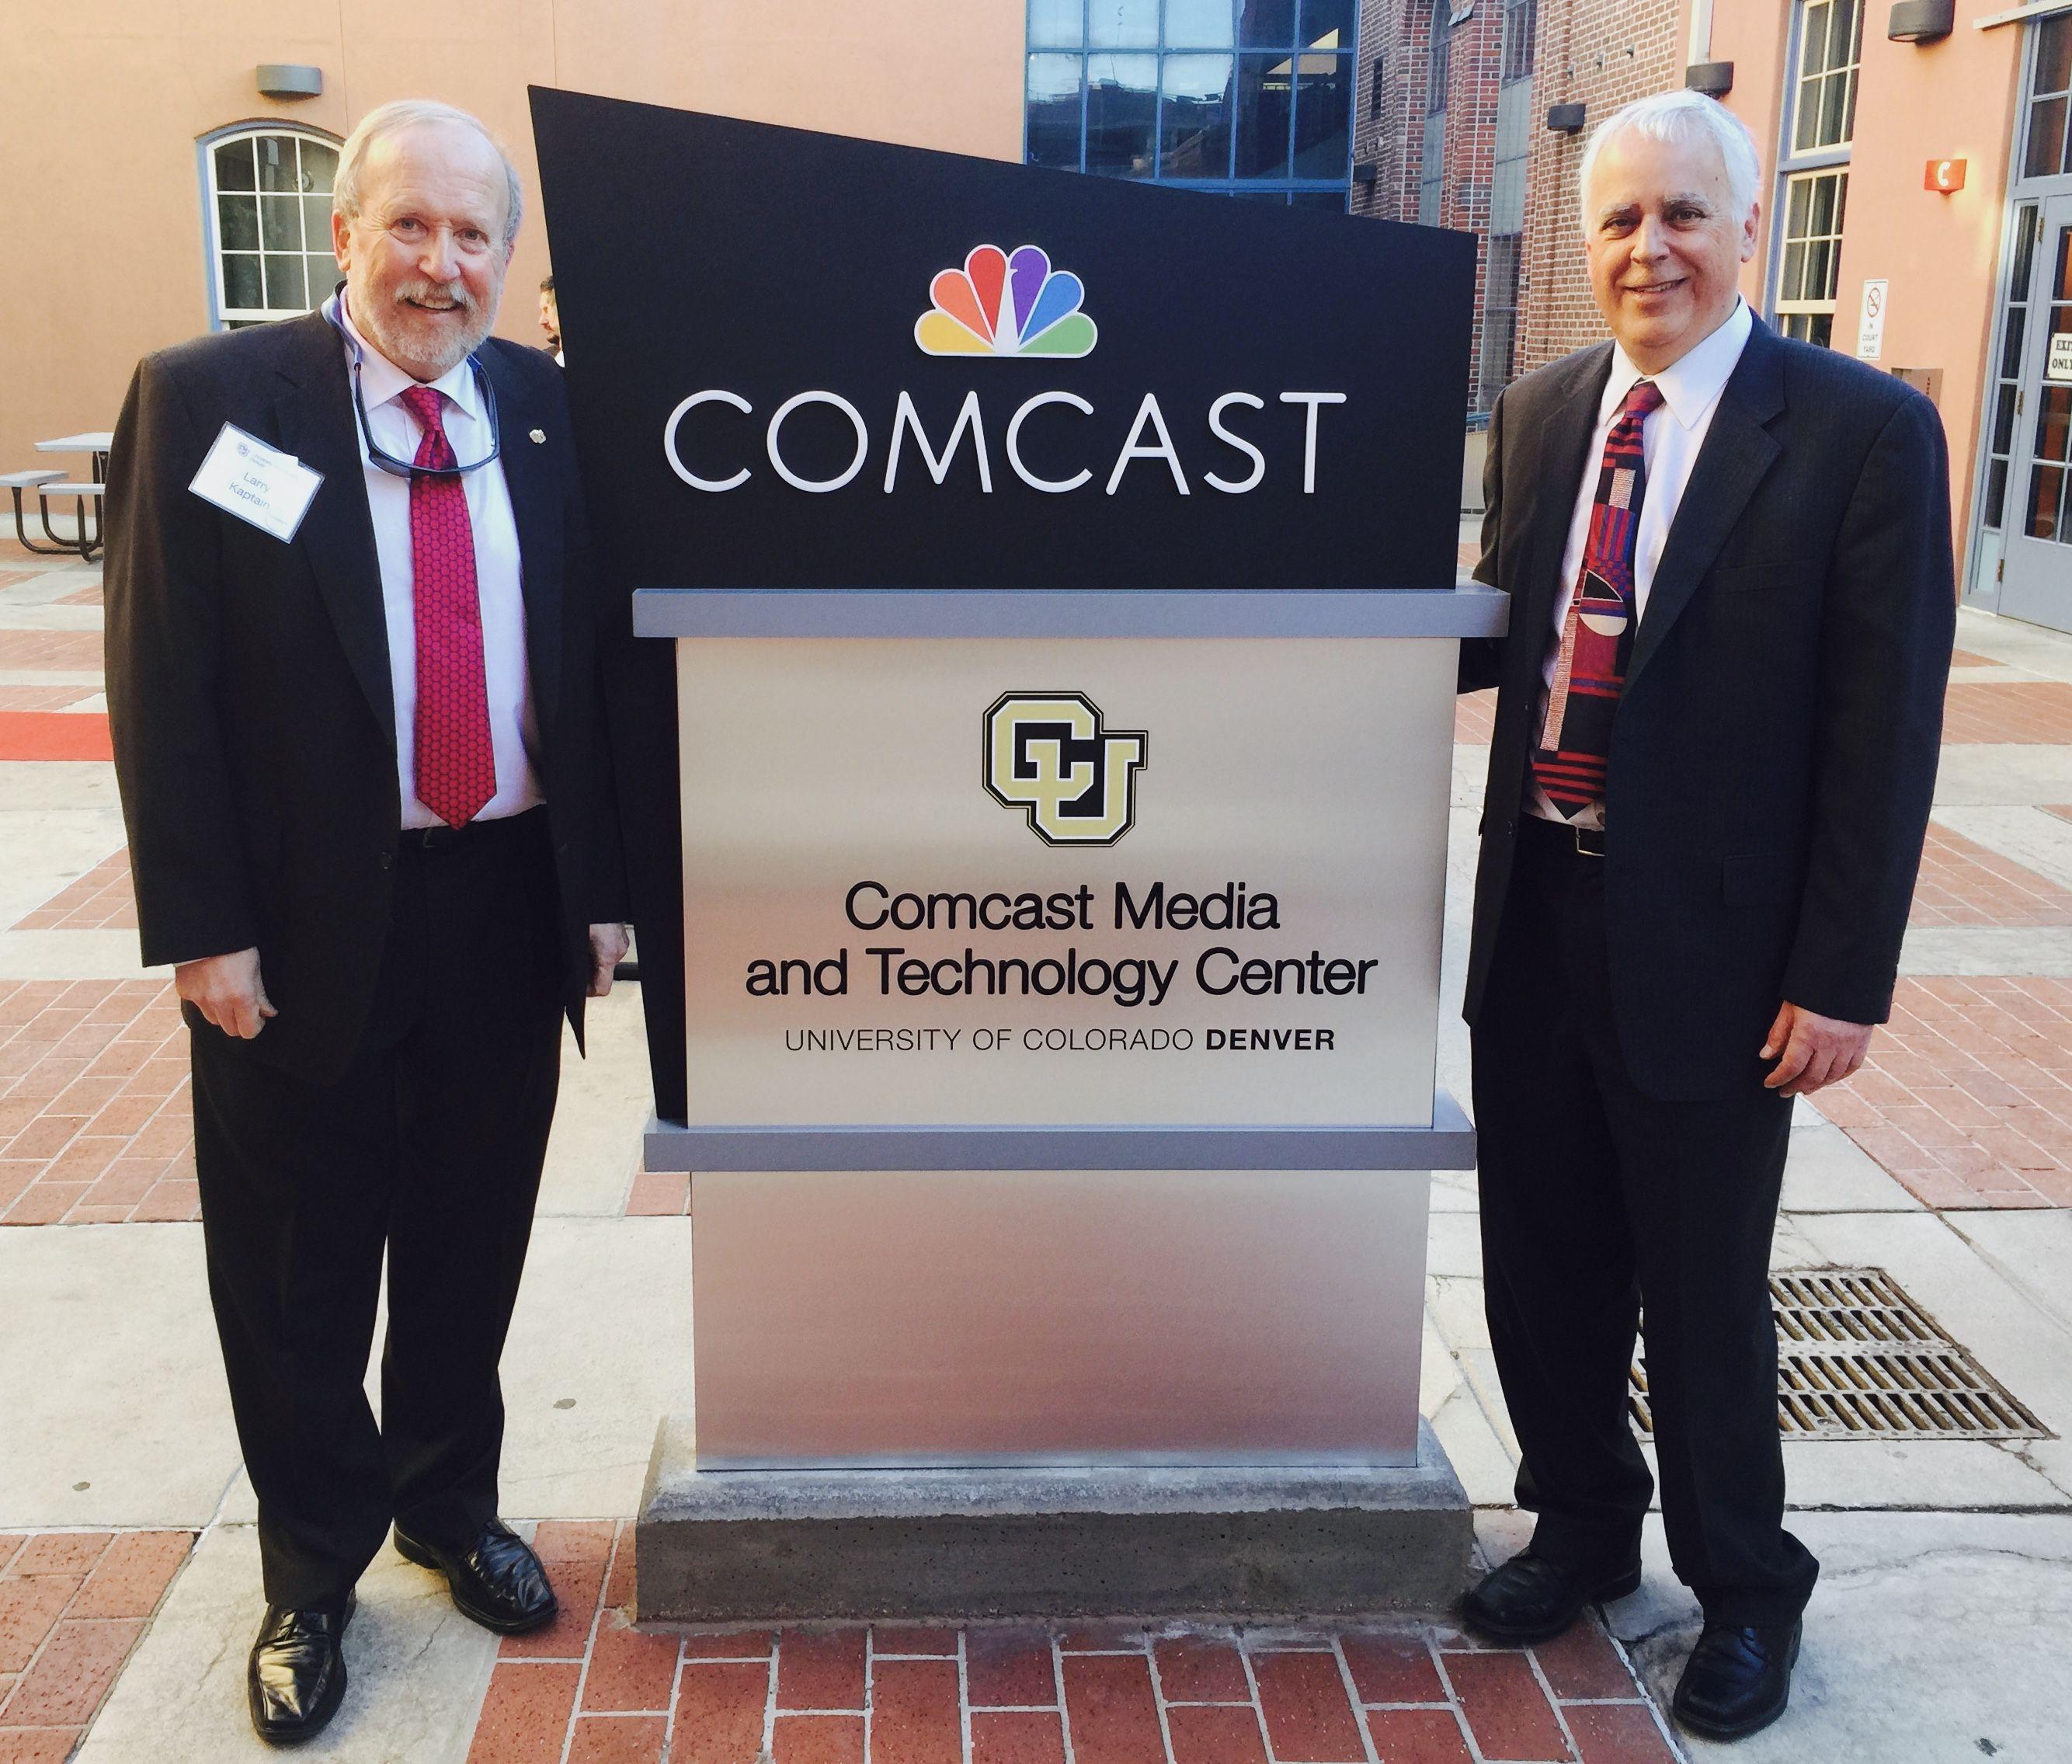 Comcast Center For Media And Technology At Cu Denver Cam Dean University Of Colorado Denver Media Comcast